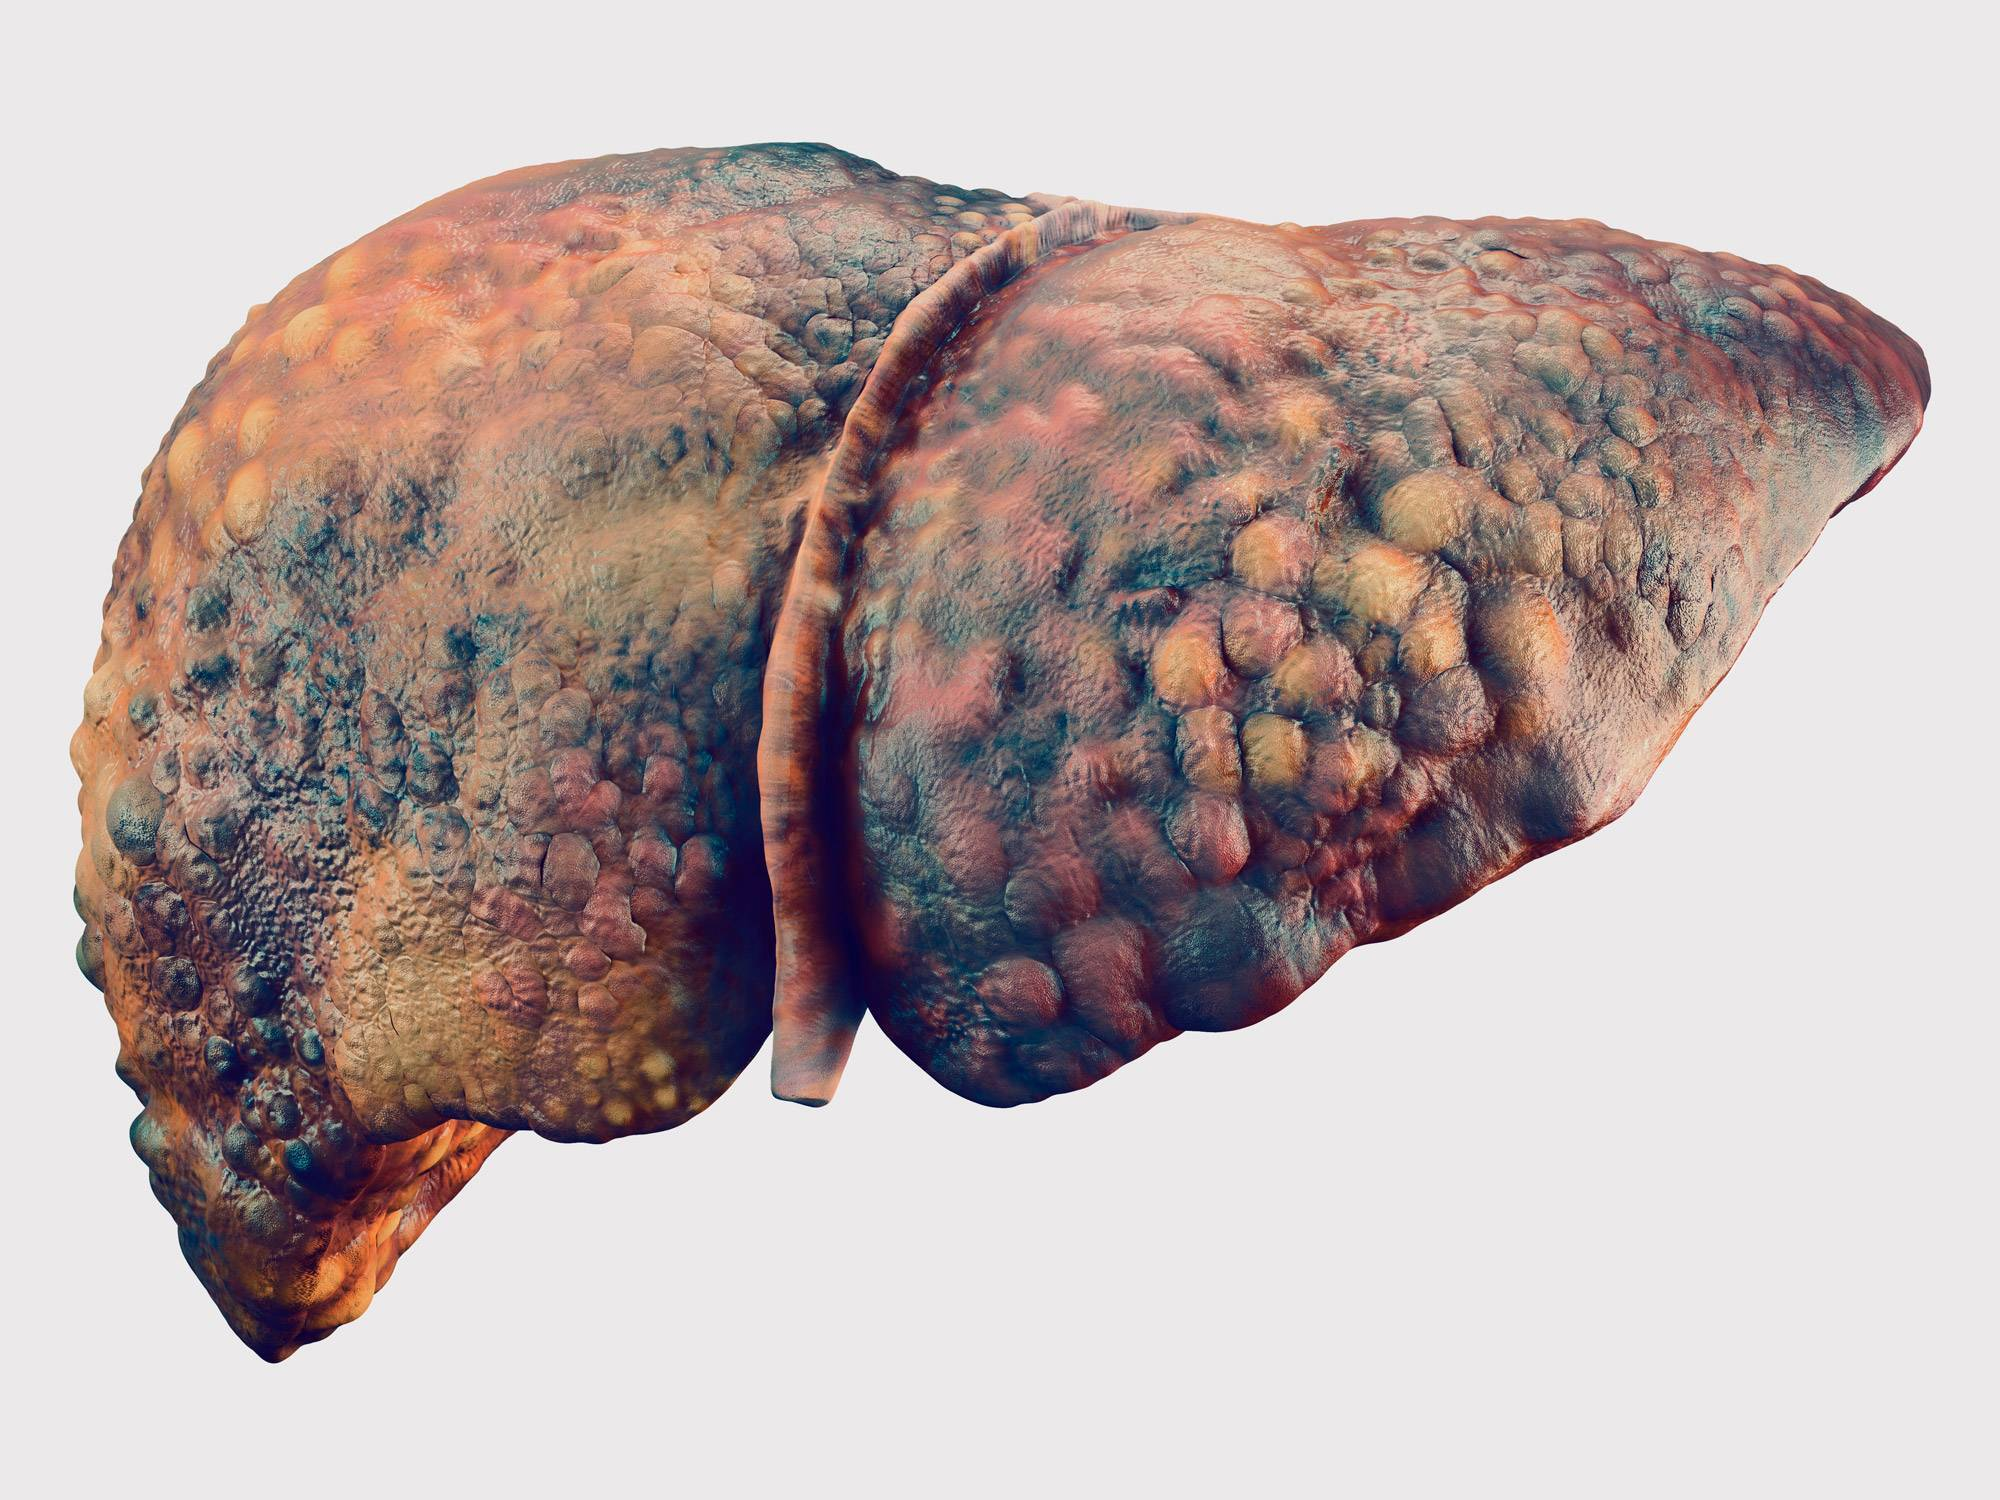 цирроз печени 3 стадия